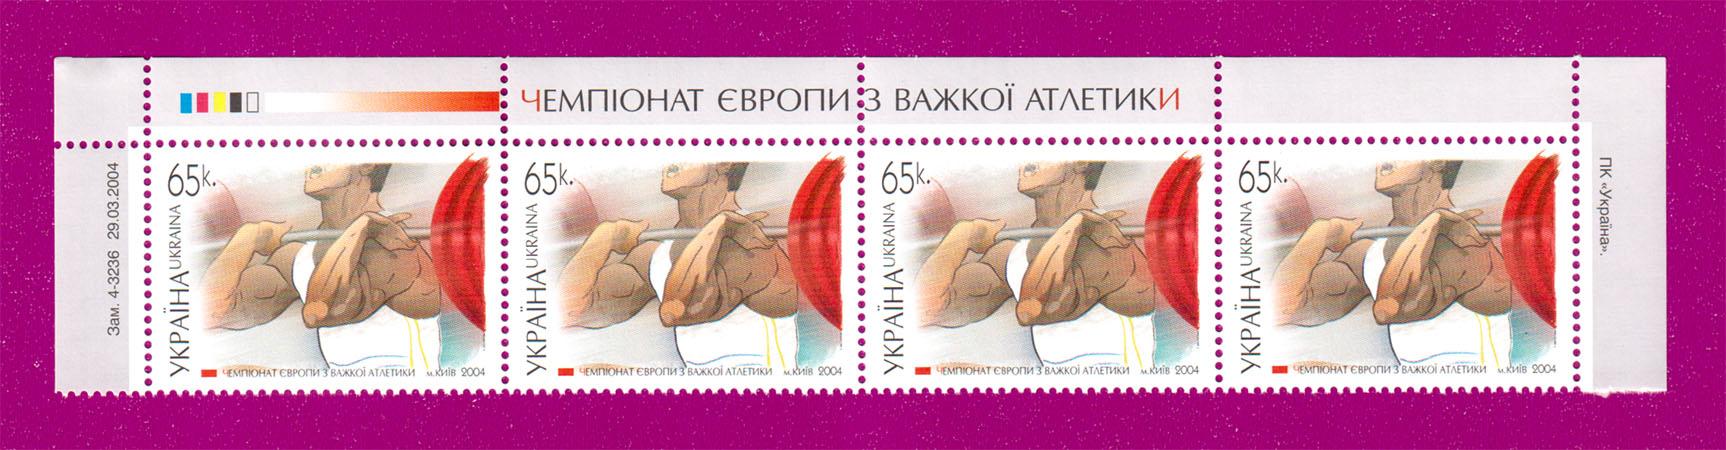 2004 верх листа Тяжелая атлетика Украина